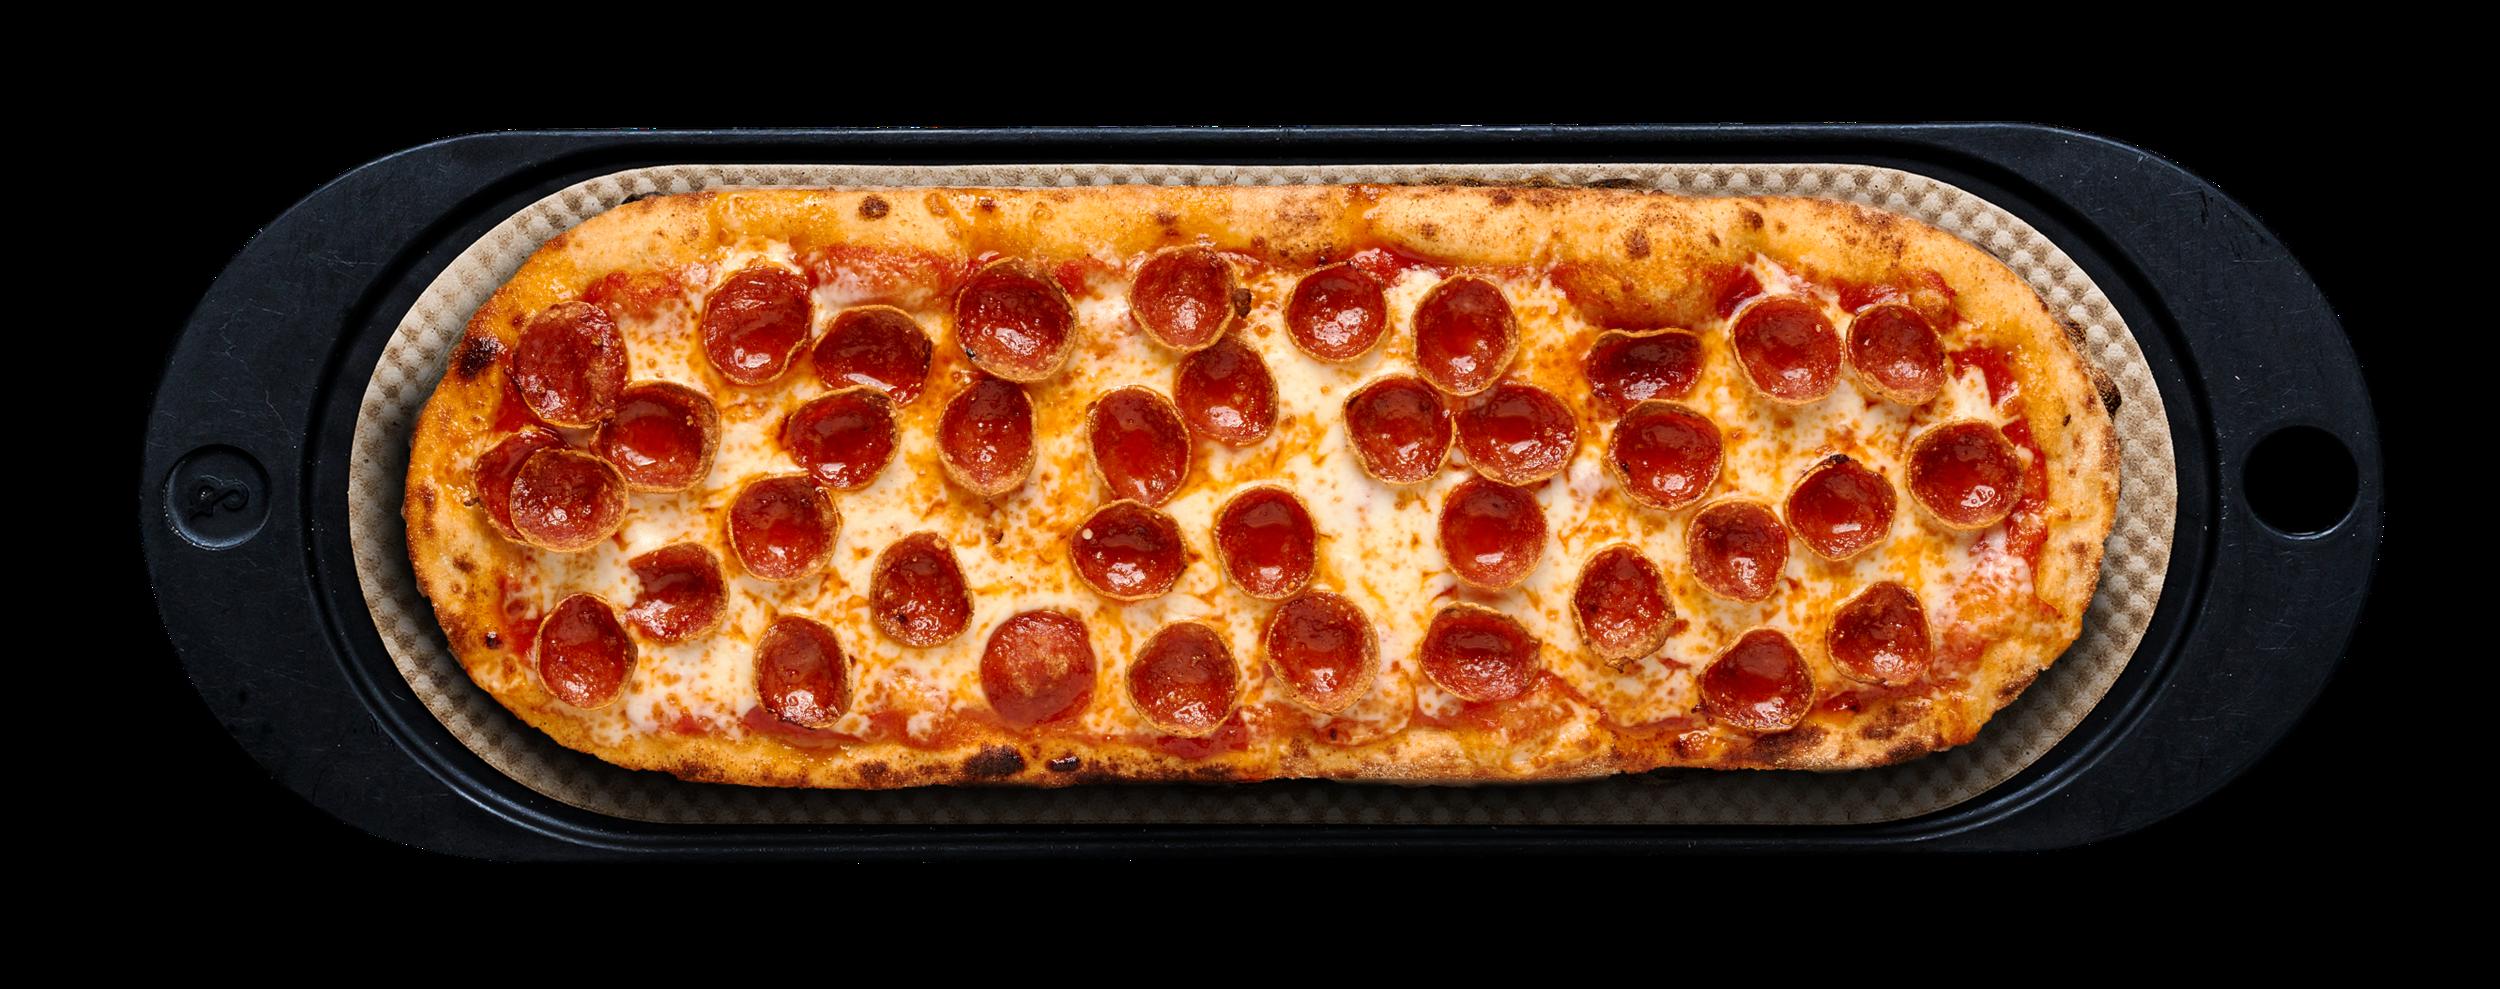 LIL RONI - Classic tomato, shredded mozzarella, pepperoni